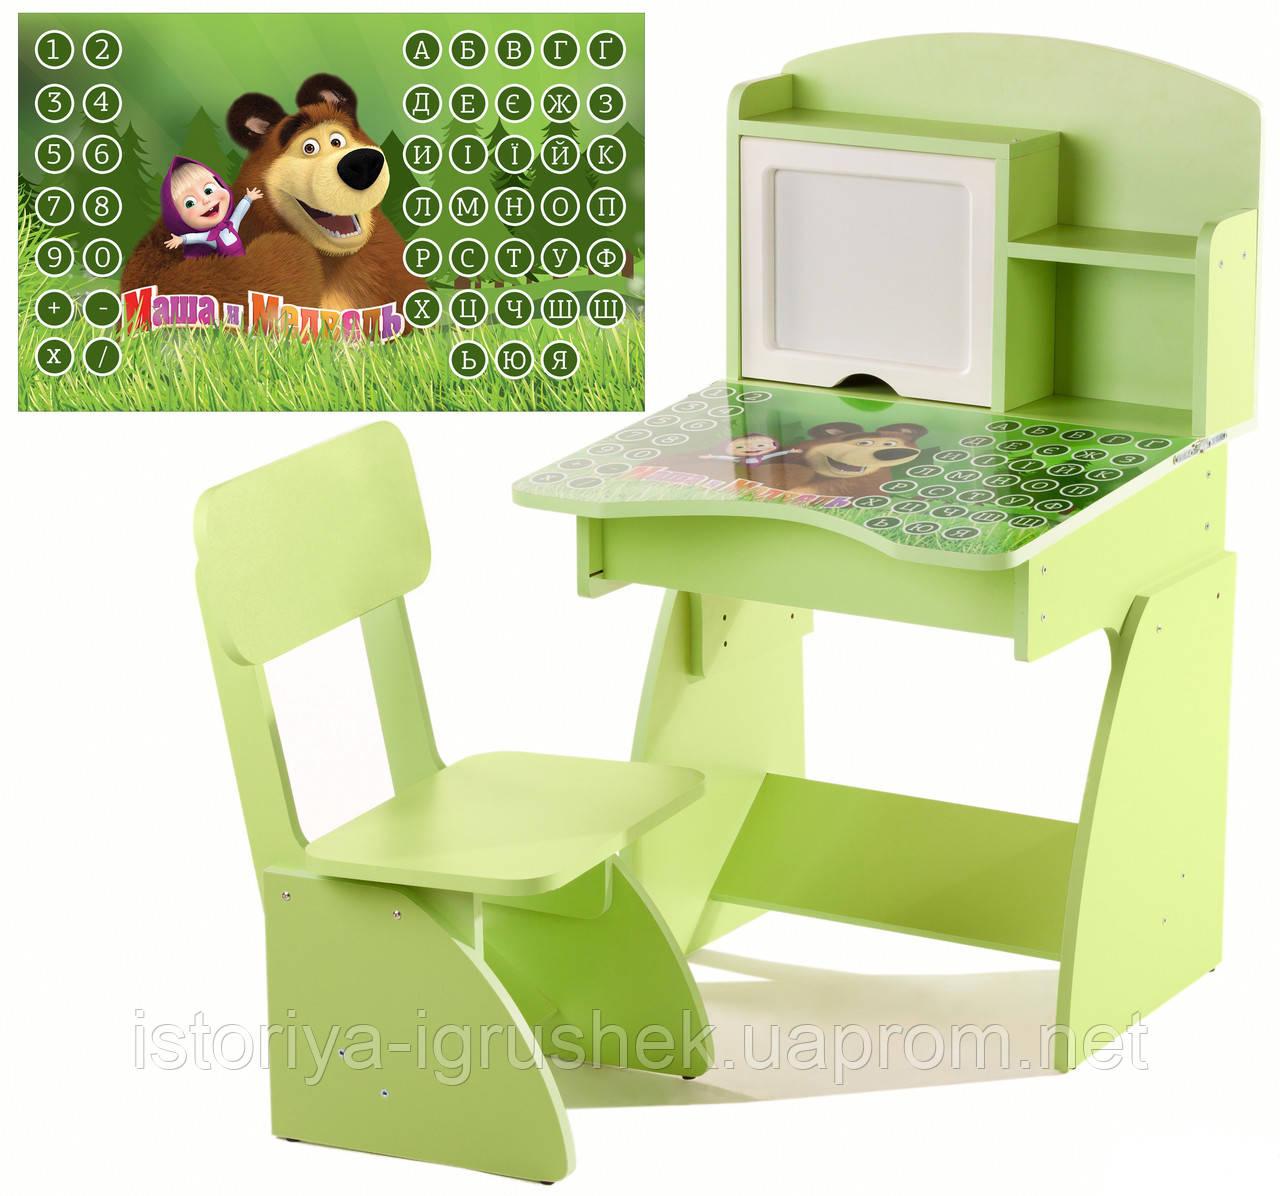 Детская Парта растущая + стульчик, Маша и Медведь - Максимка в Харькове